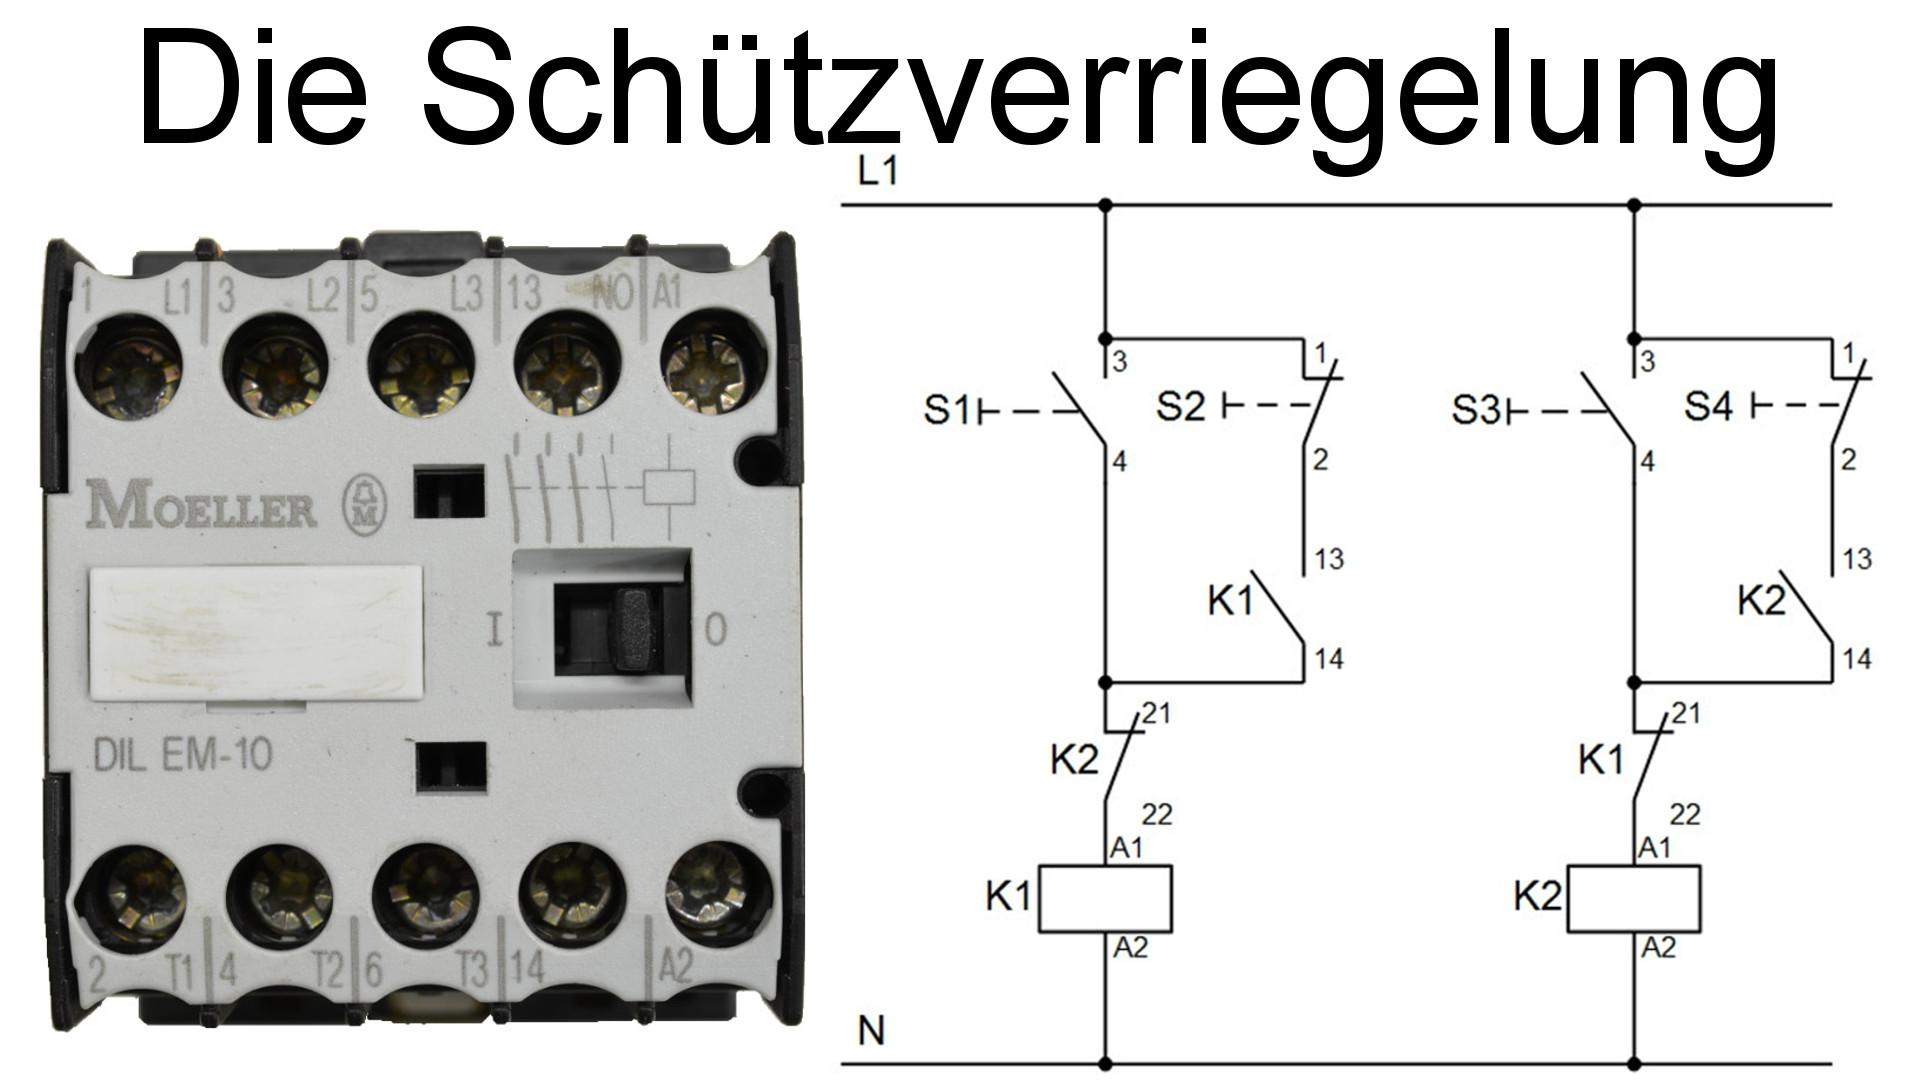 Schuetzverriegelung Thumbnail 2